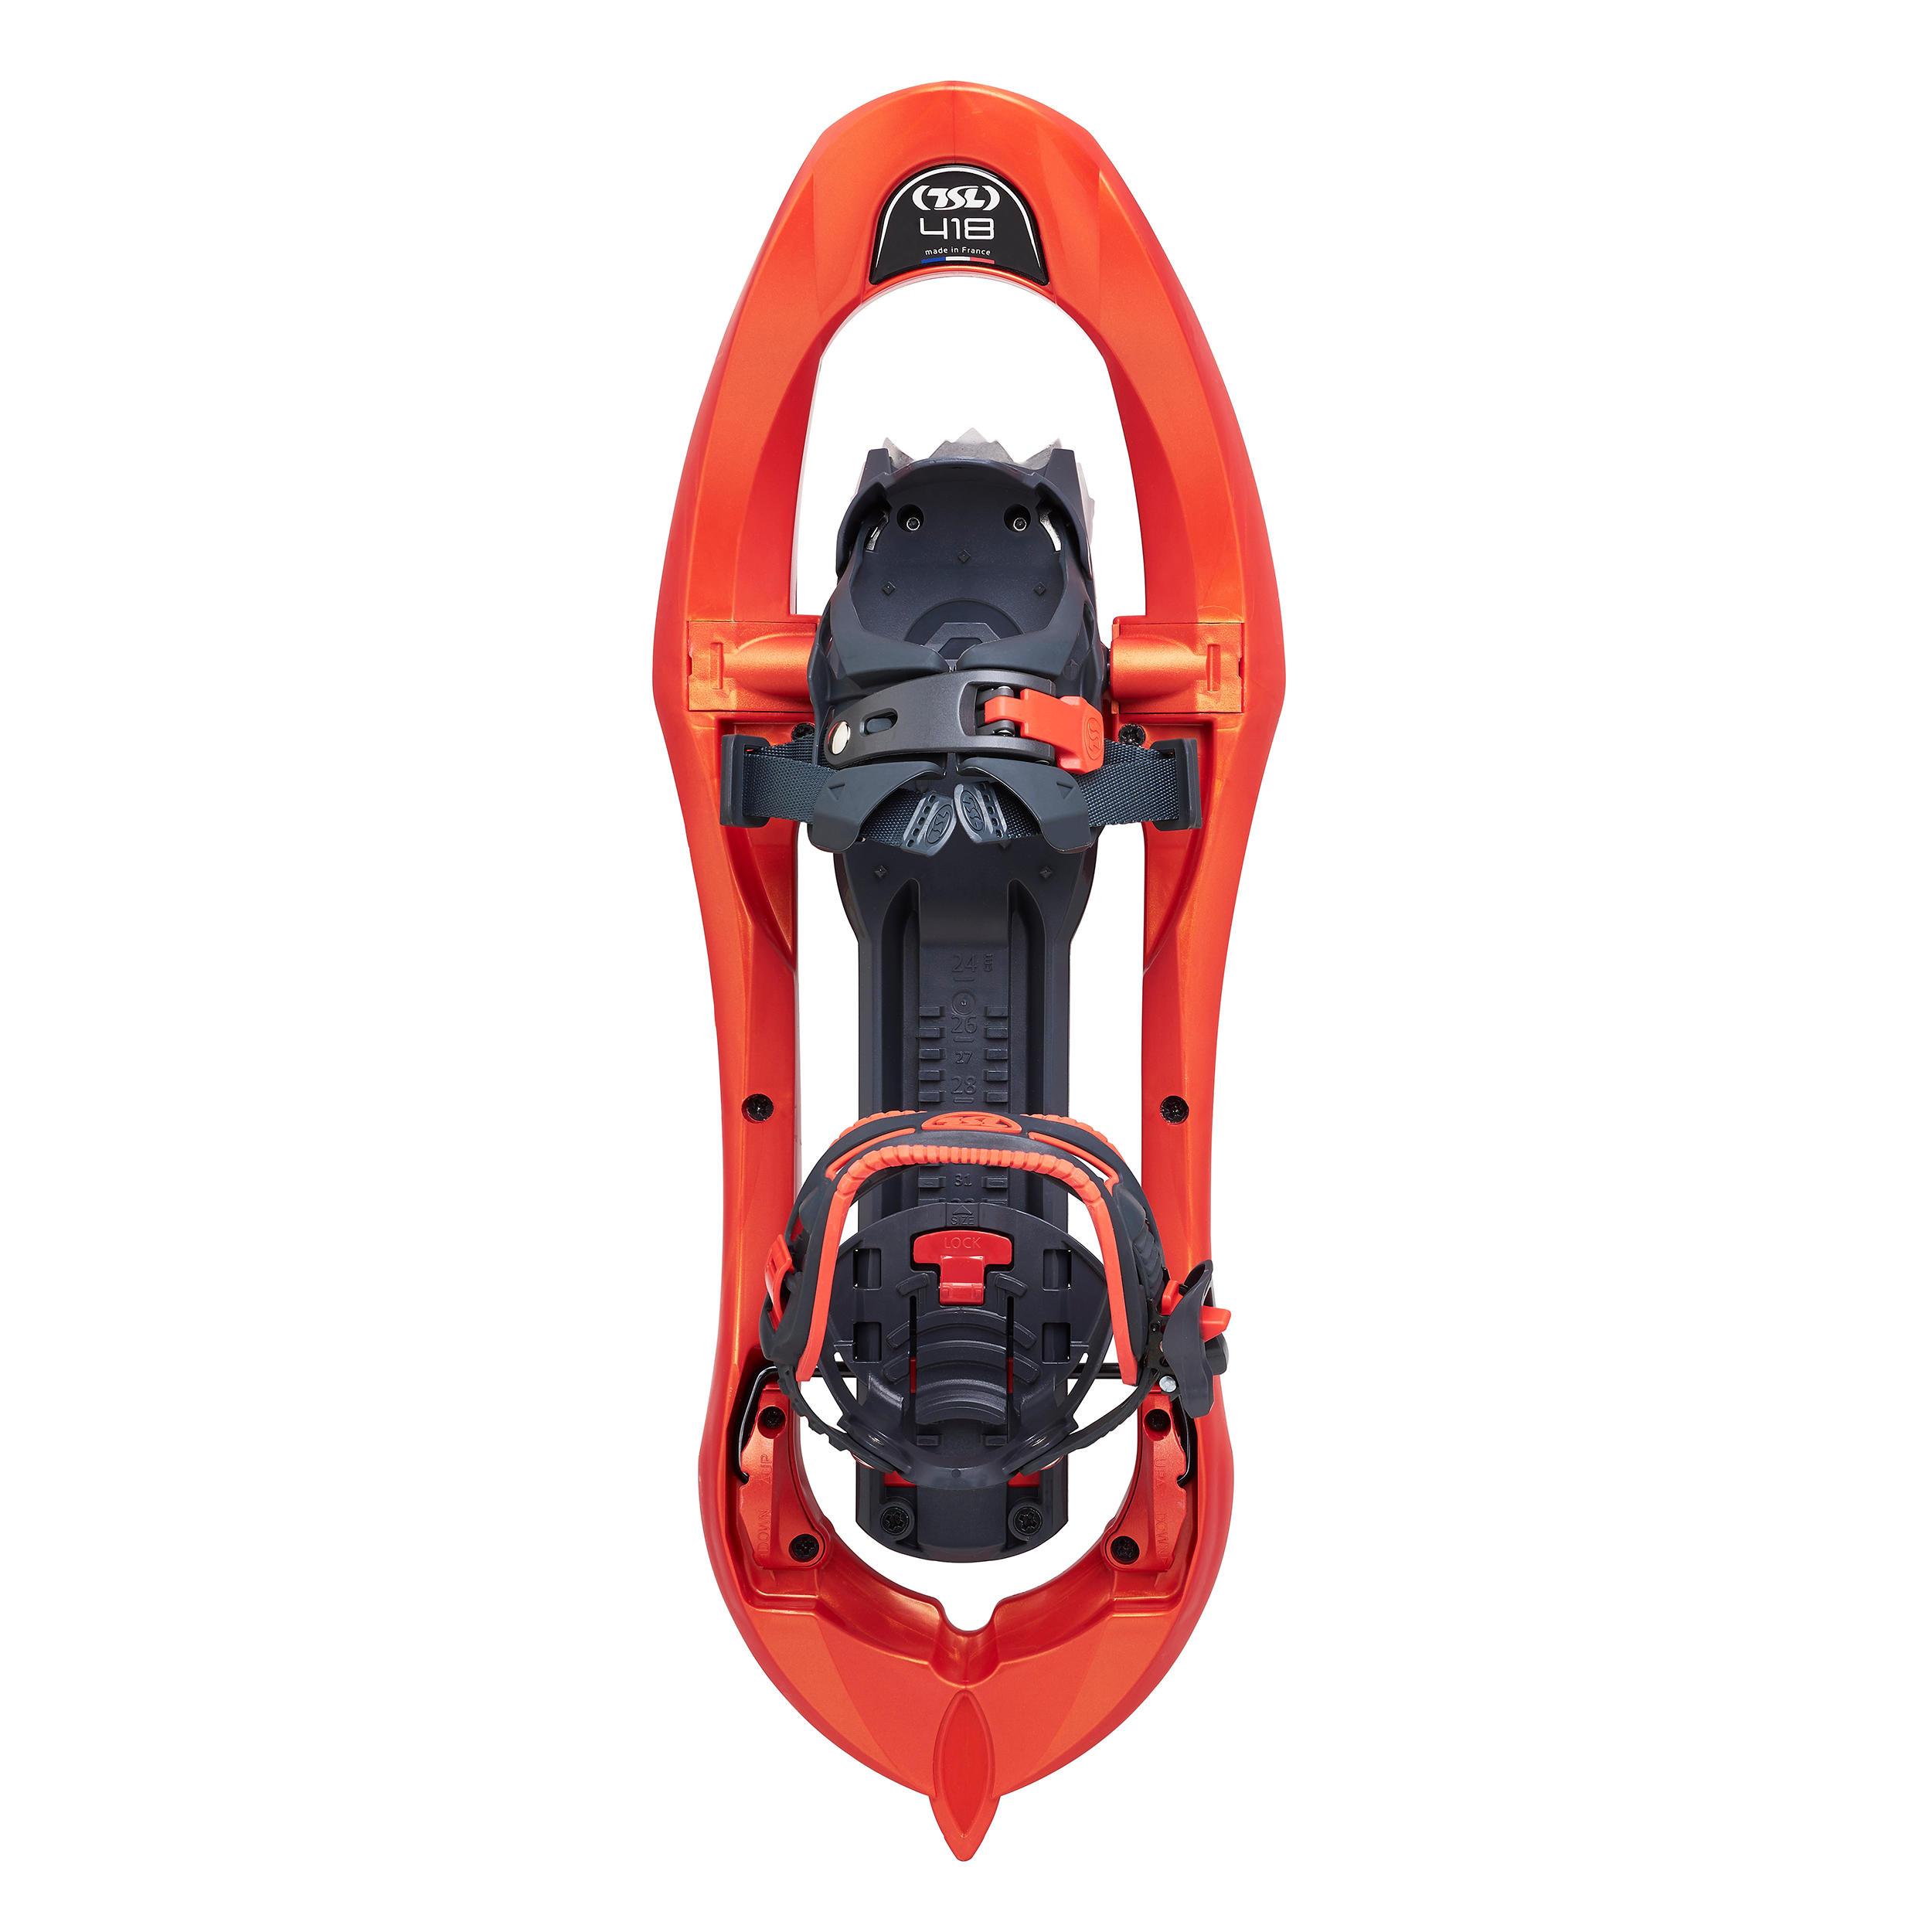 Schneeschuhe TSL 418 Up & Down Grip kleiner Rahmen orange   Schuhe > Sportschuhe > Schneeschuhe   TSL